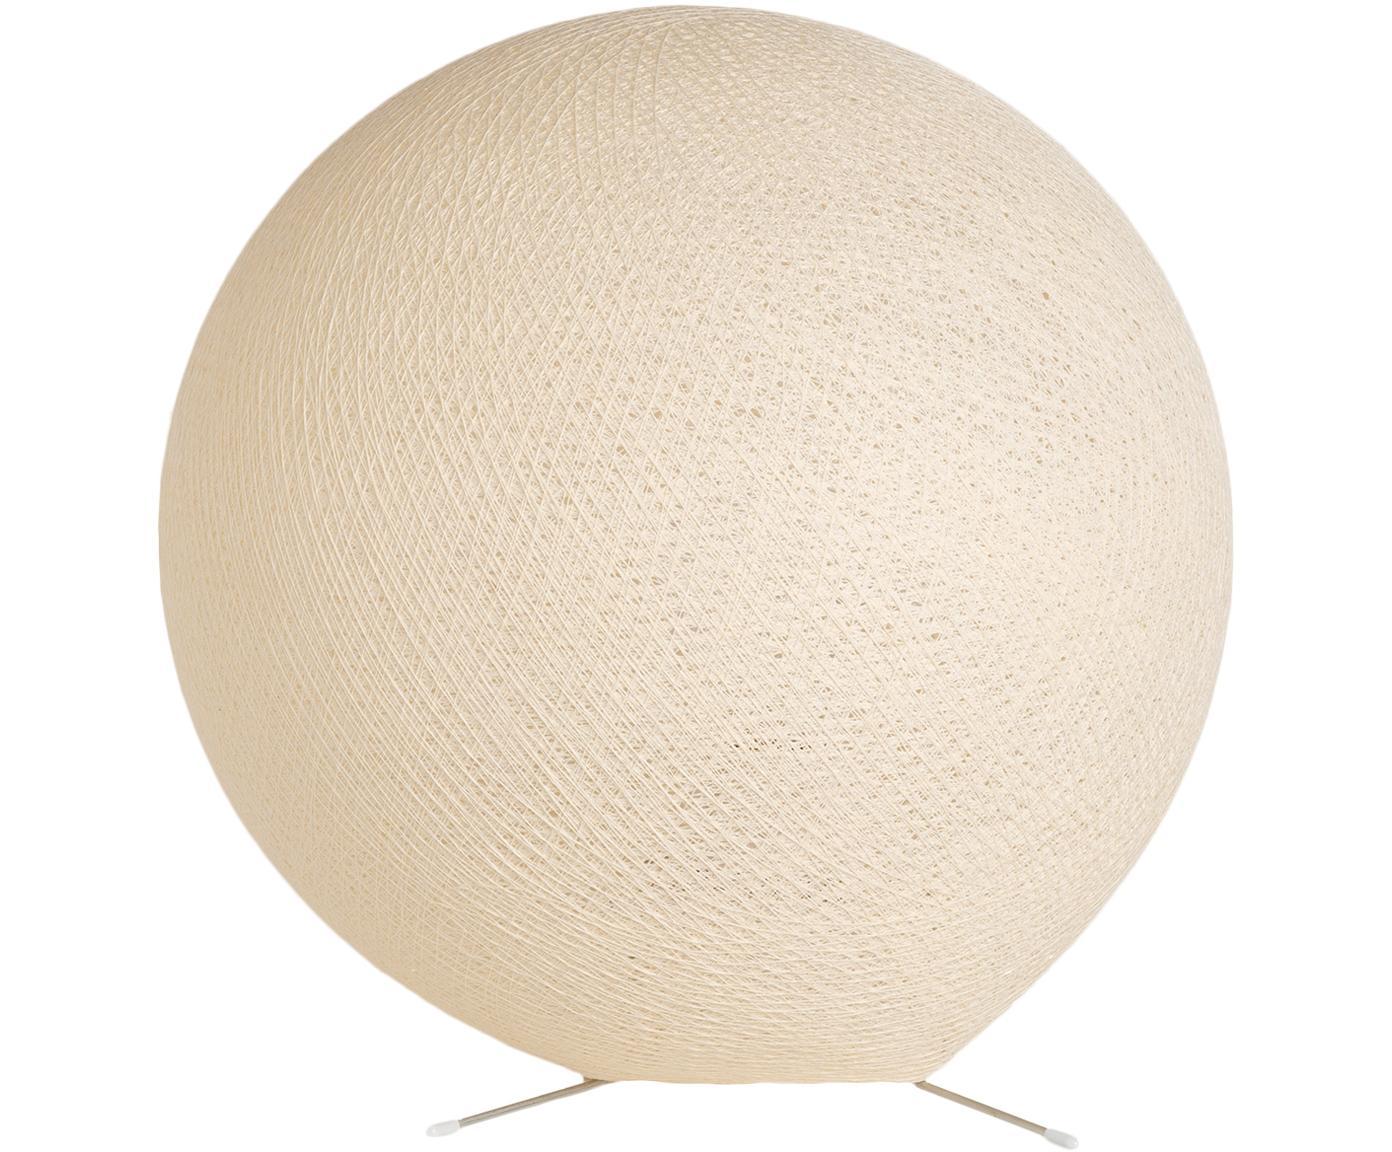 Tischleuchte Colorain, Lampenschirm: Polyester, Lampenfuß: Metall, Beige, Ø 36 cm